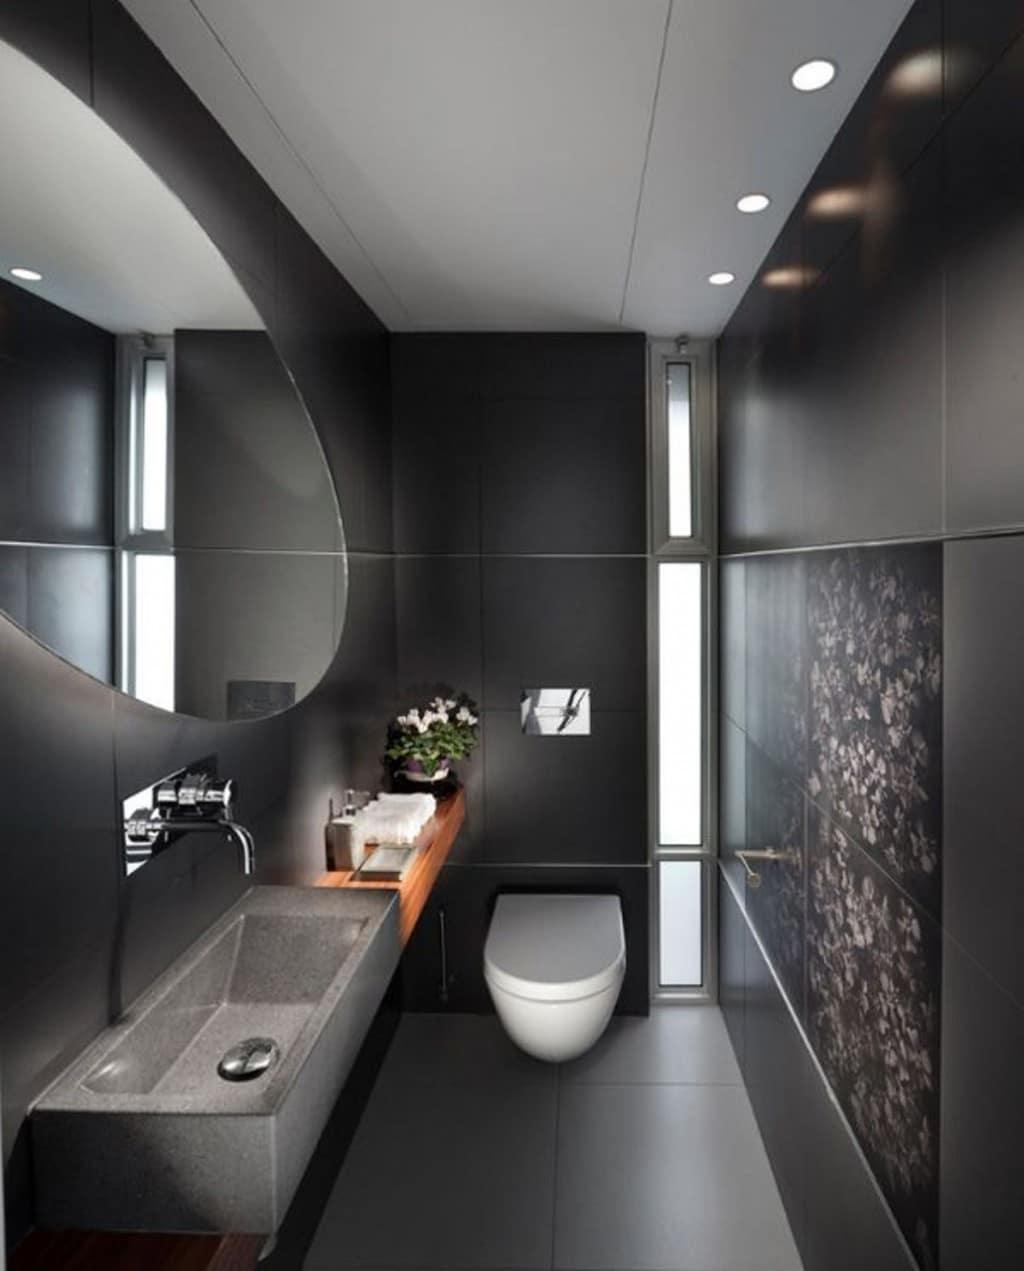 bagni moderni: i principi delle nuove tendenze - | blog edilnet - Immagini Di Bagni Moderni Piccoli